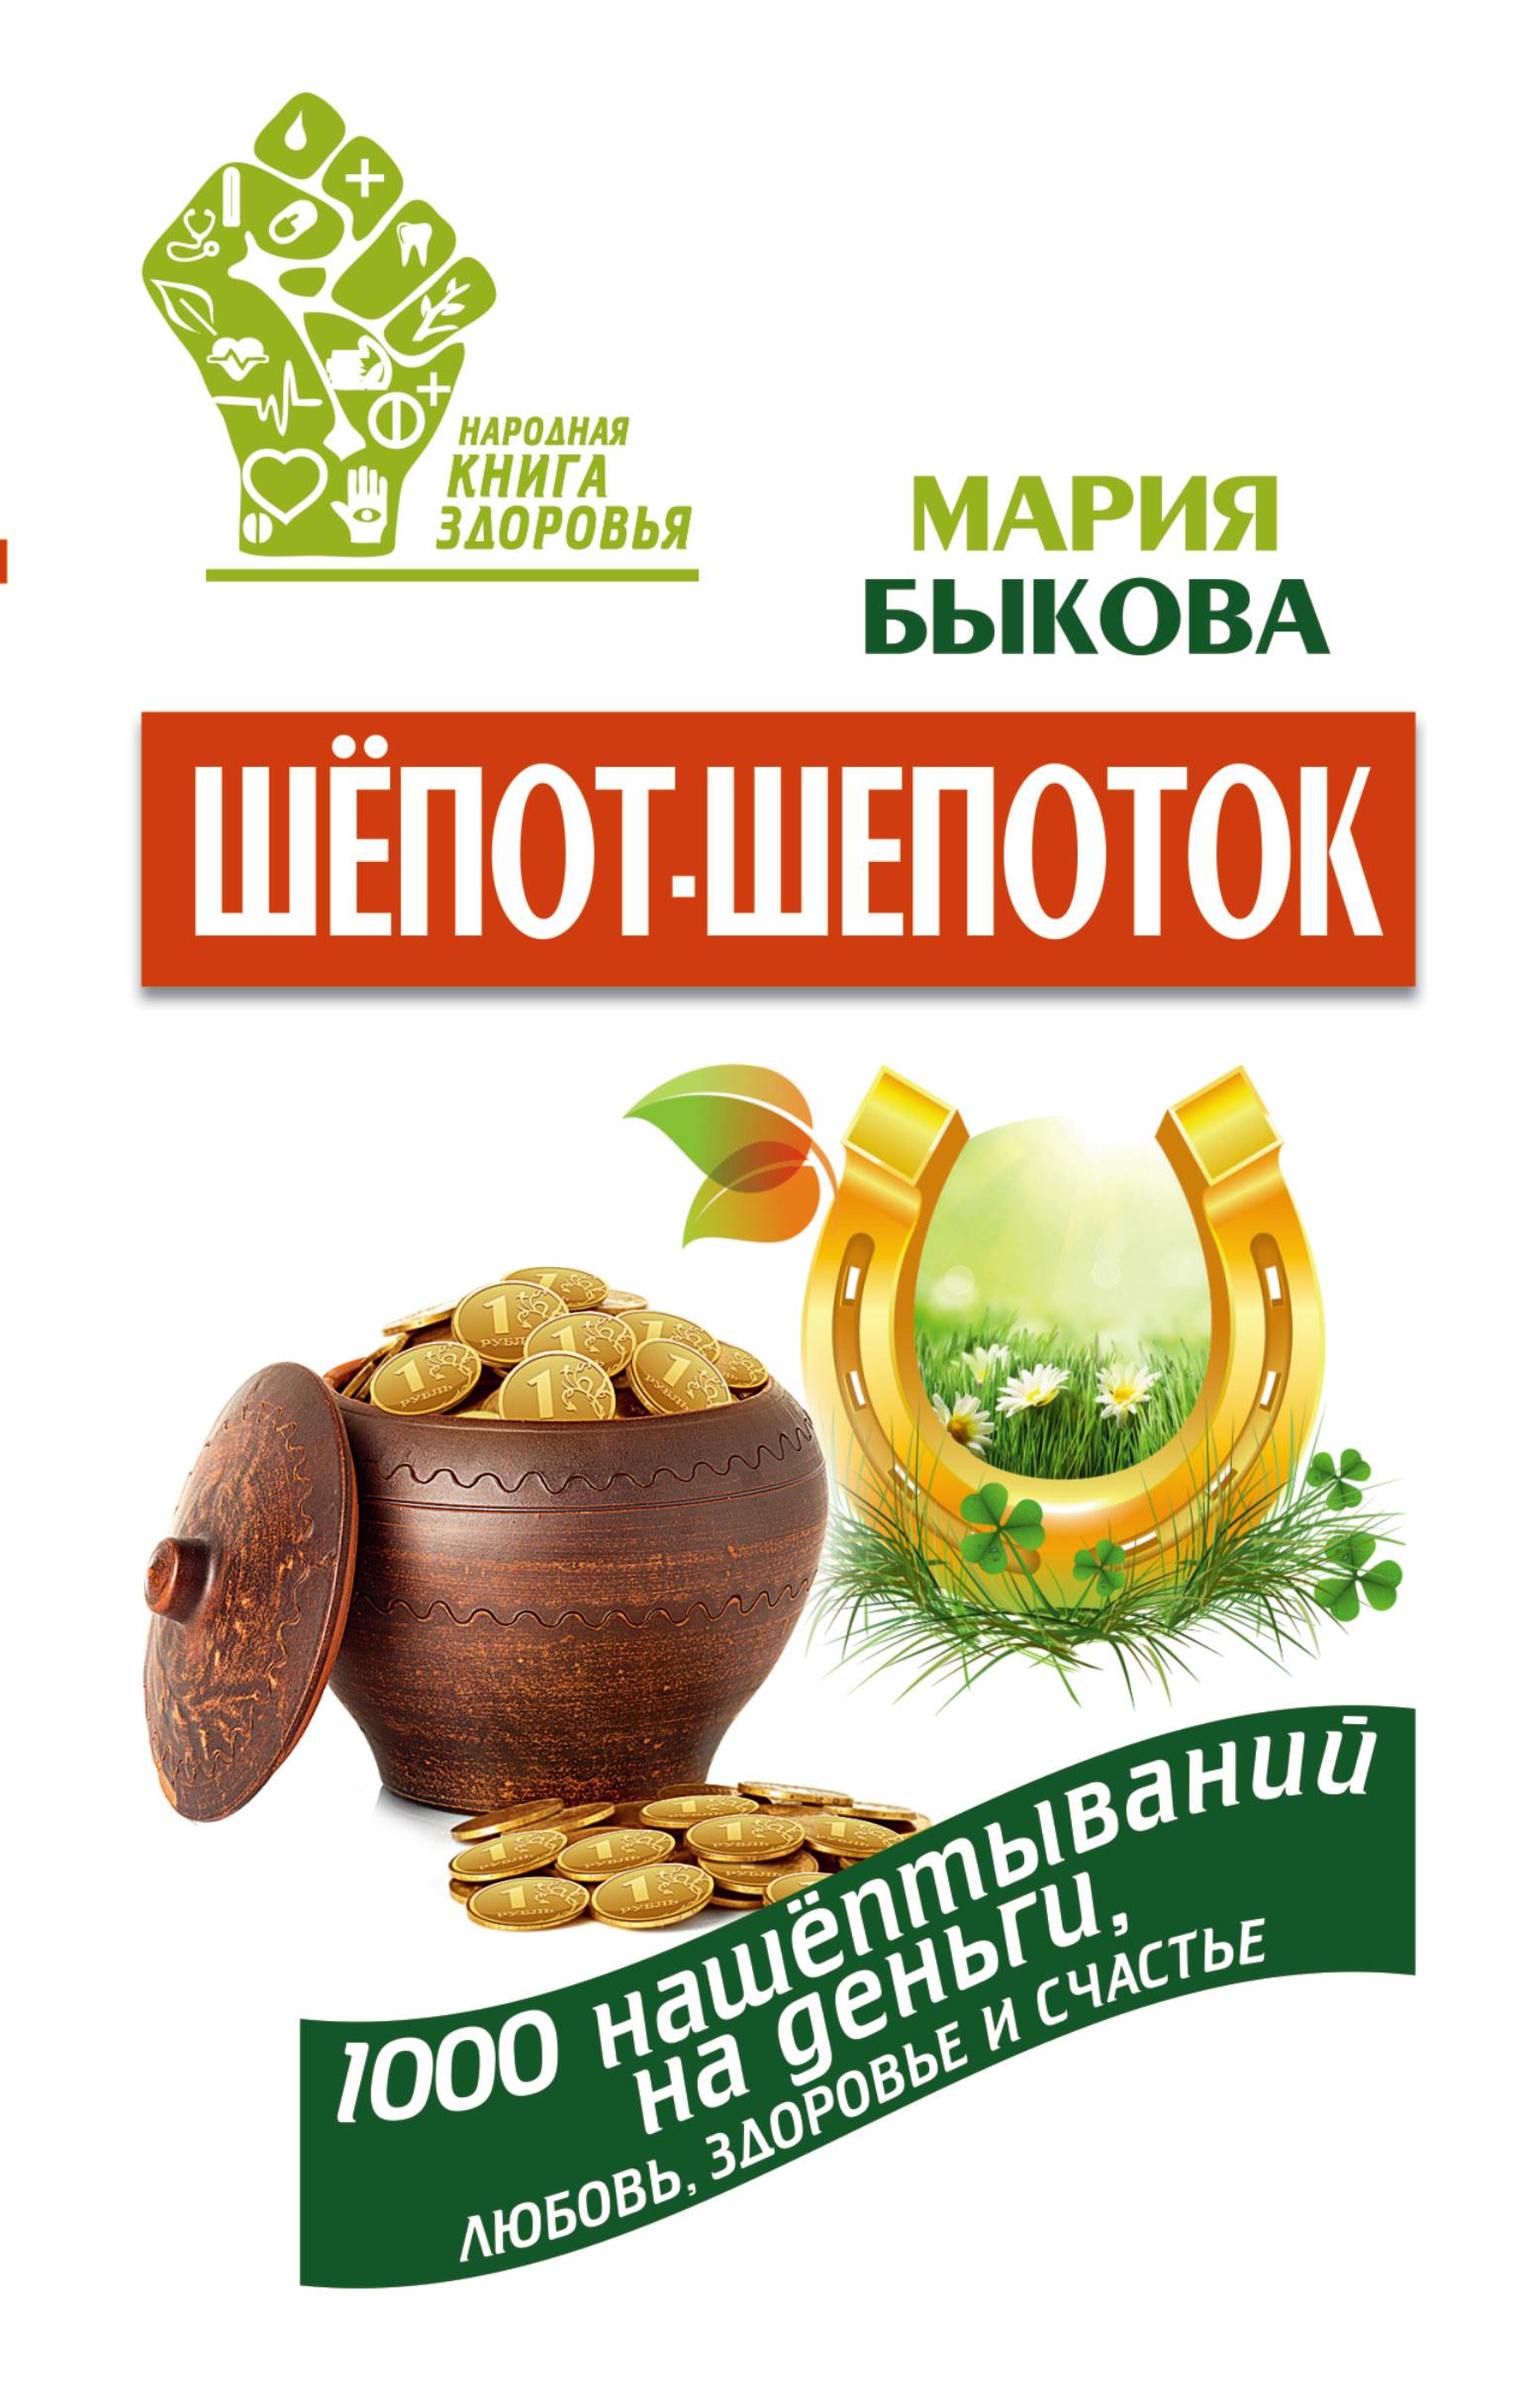 Быкова Мария Шепот-шепоток! 1000 нашептываний на деньги, любовь, здоровье и счастье